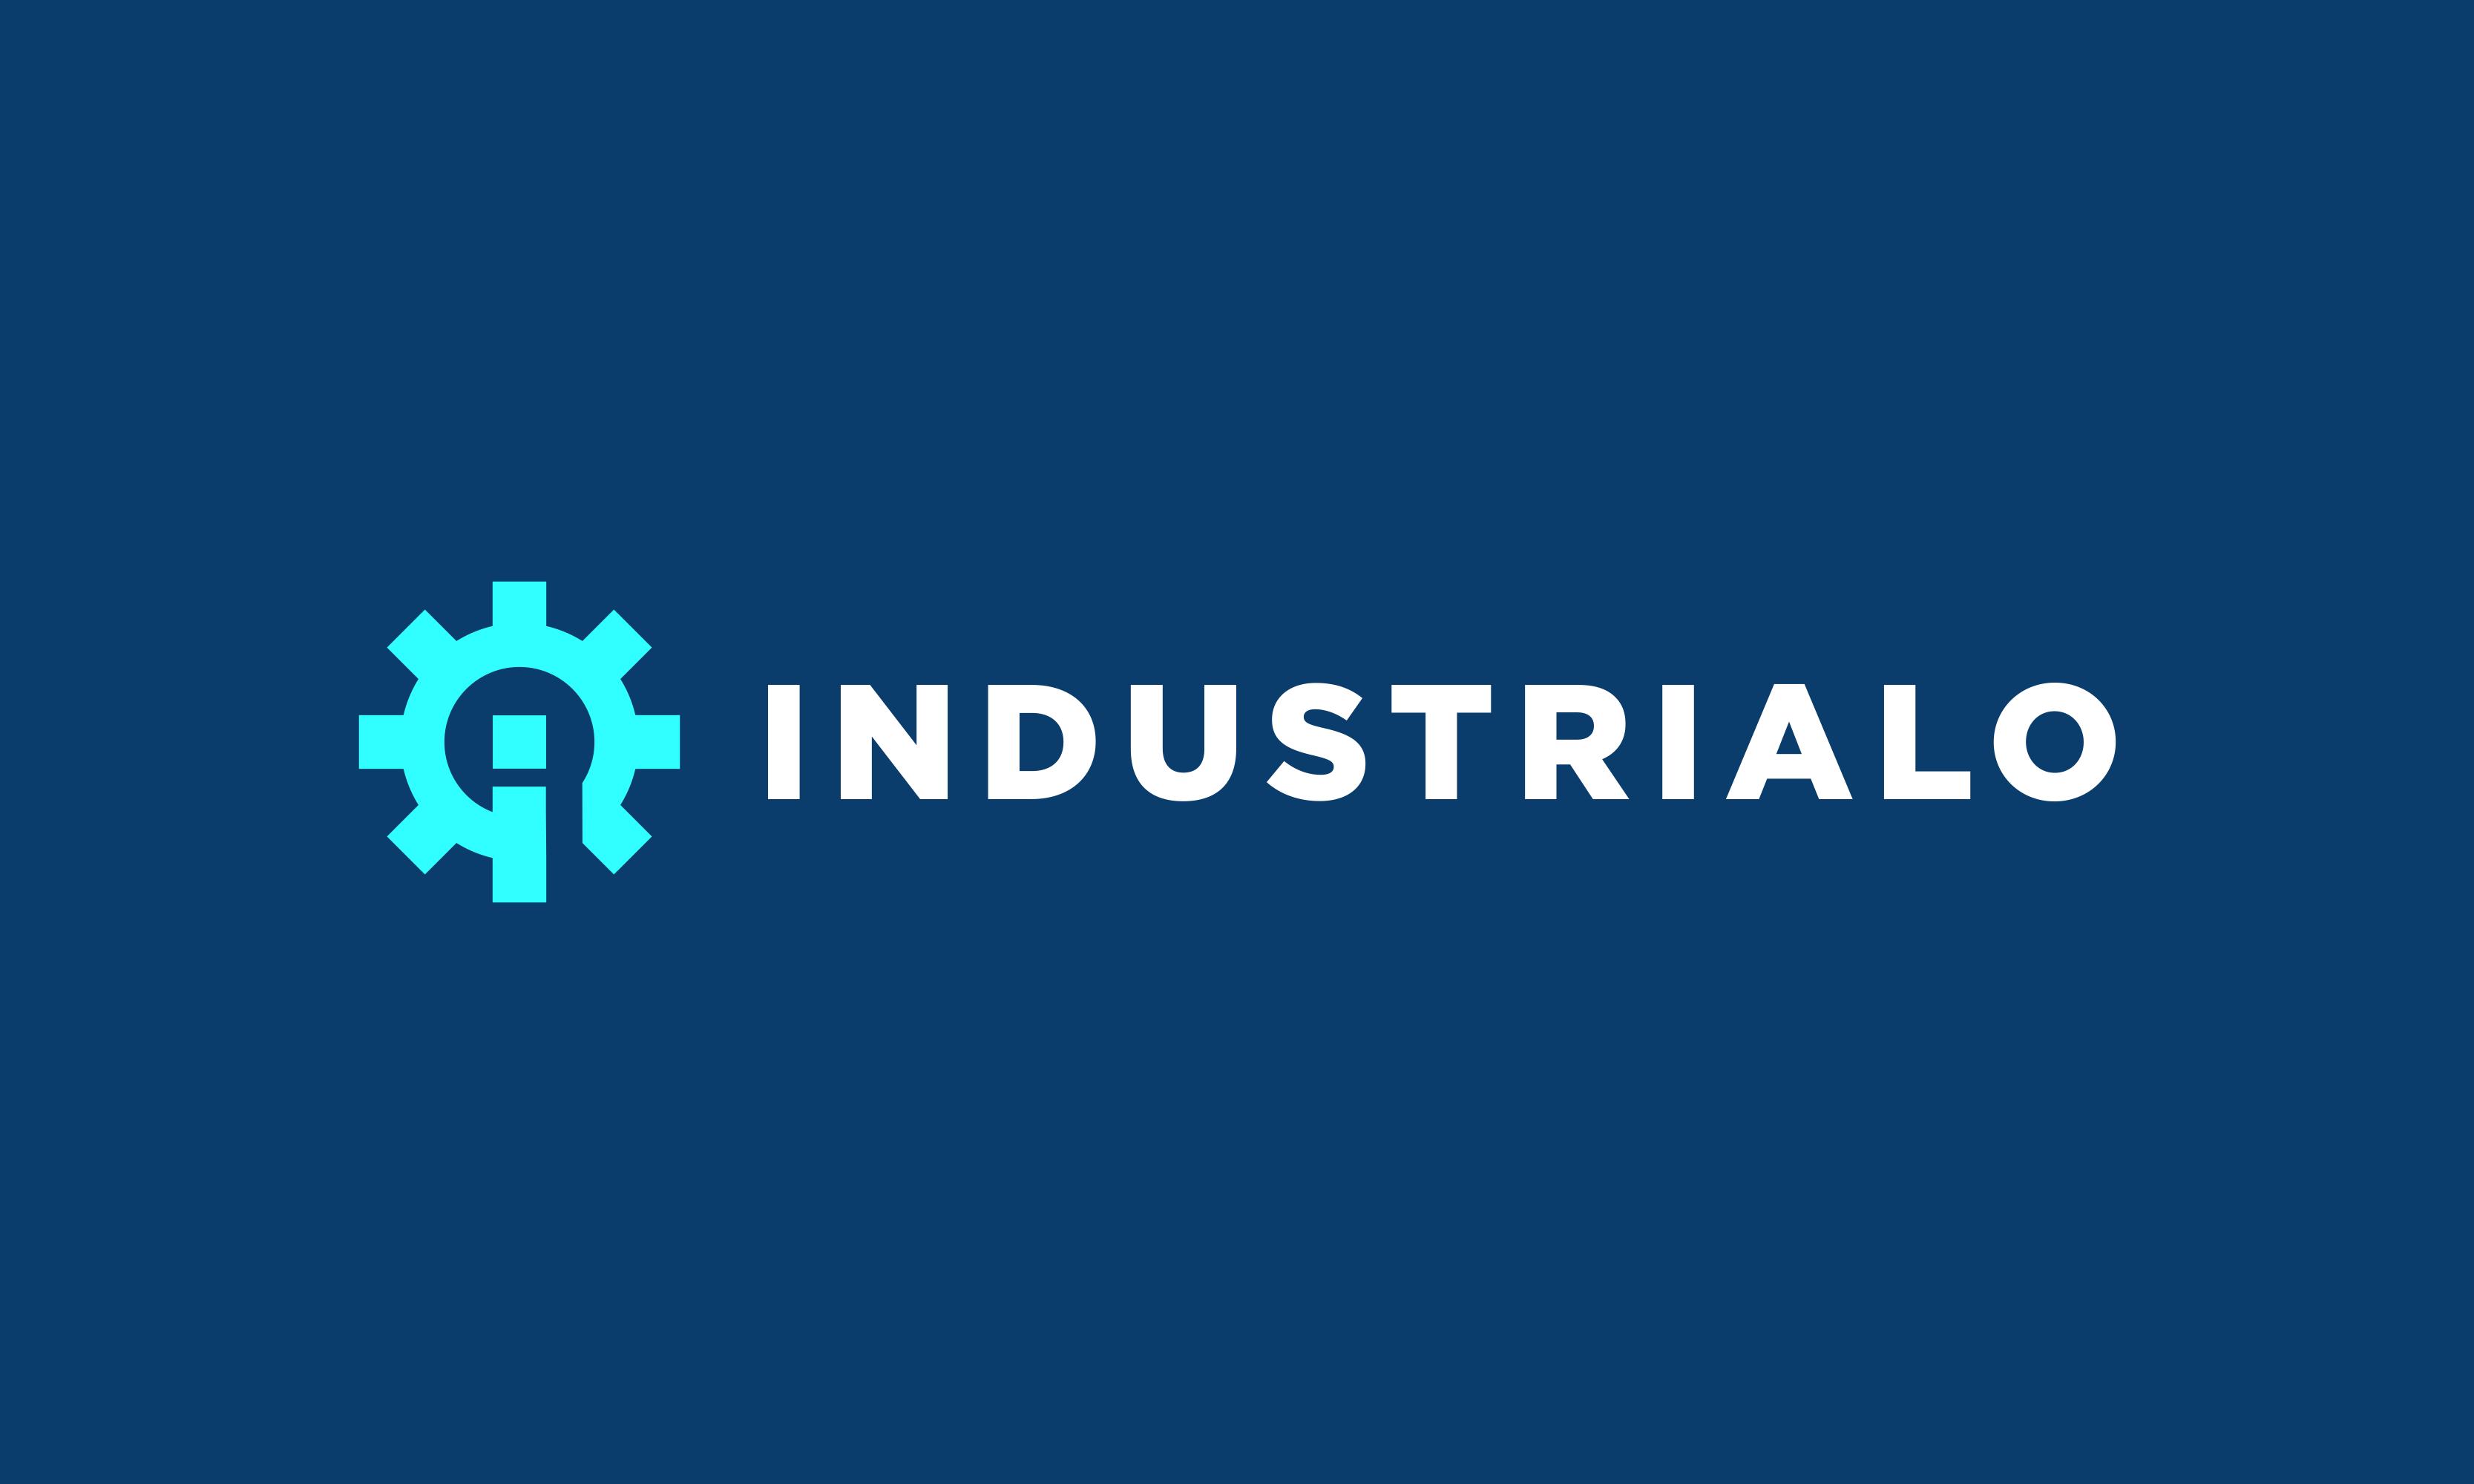 Industrialo